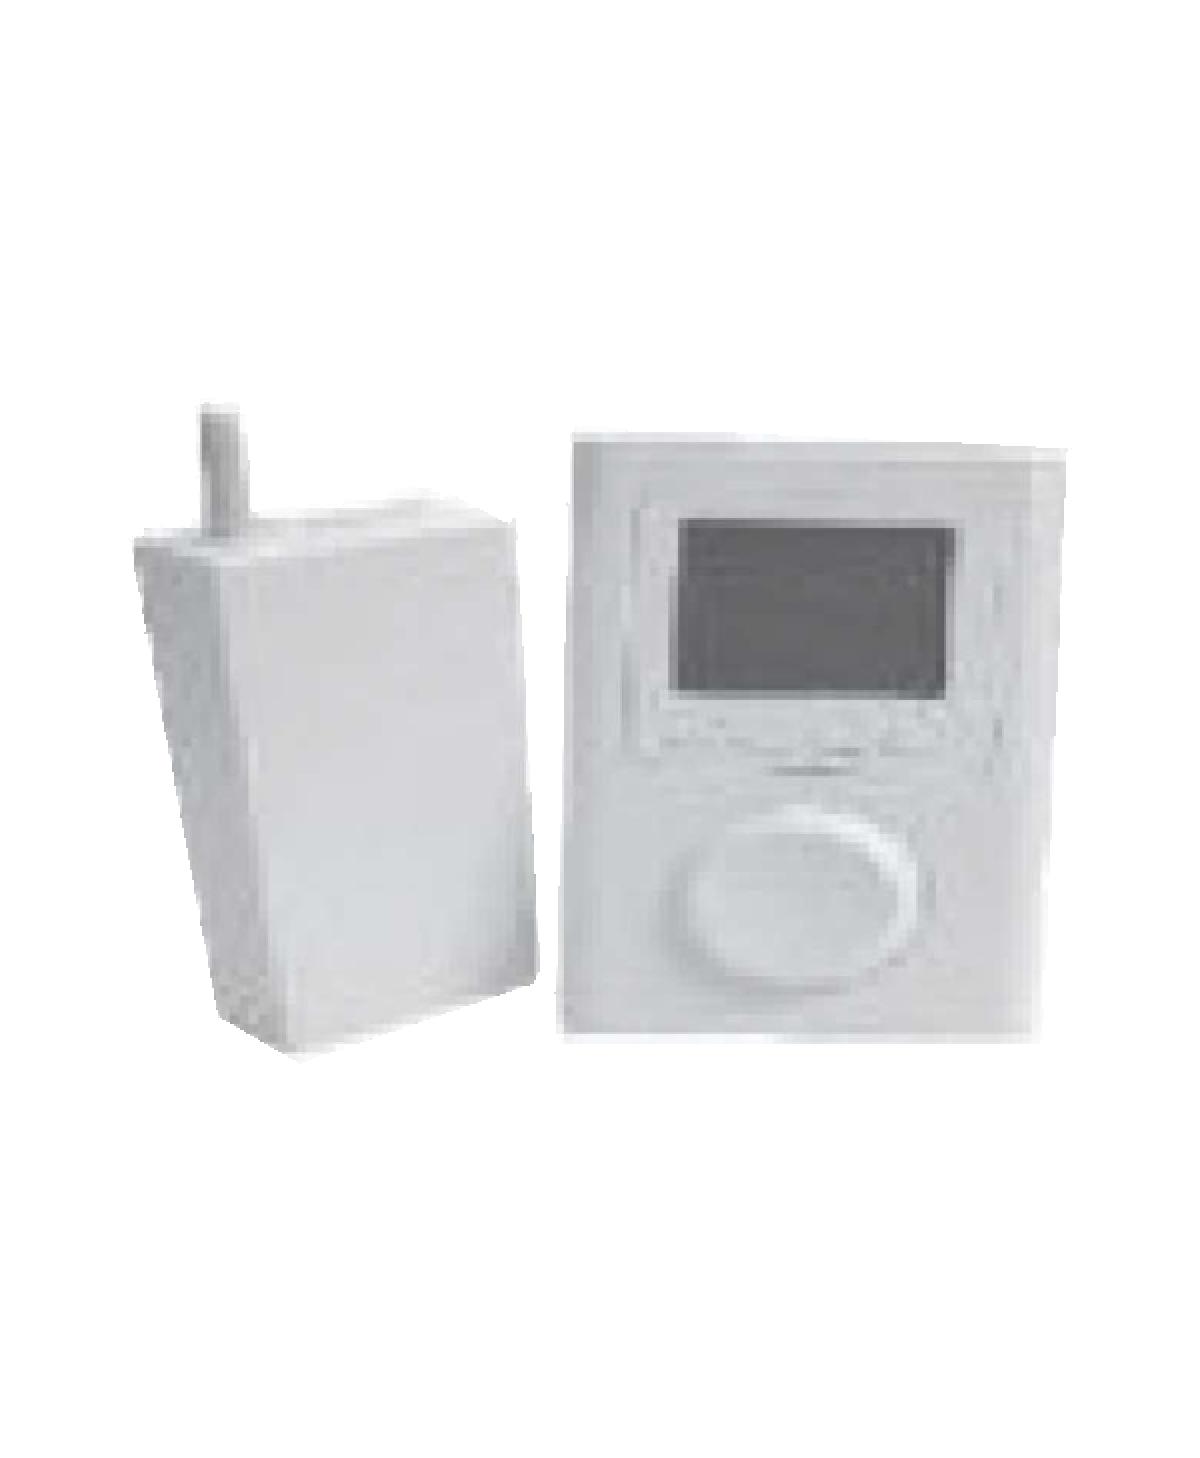 Funk Thermostat Delta Core elektronisch mit Wochenprogramm